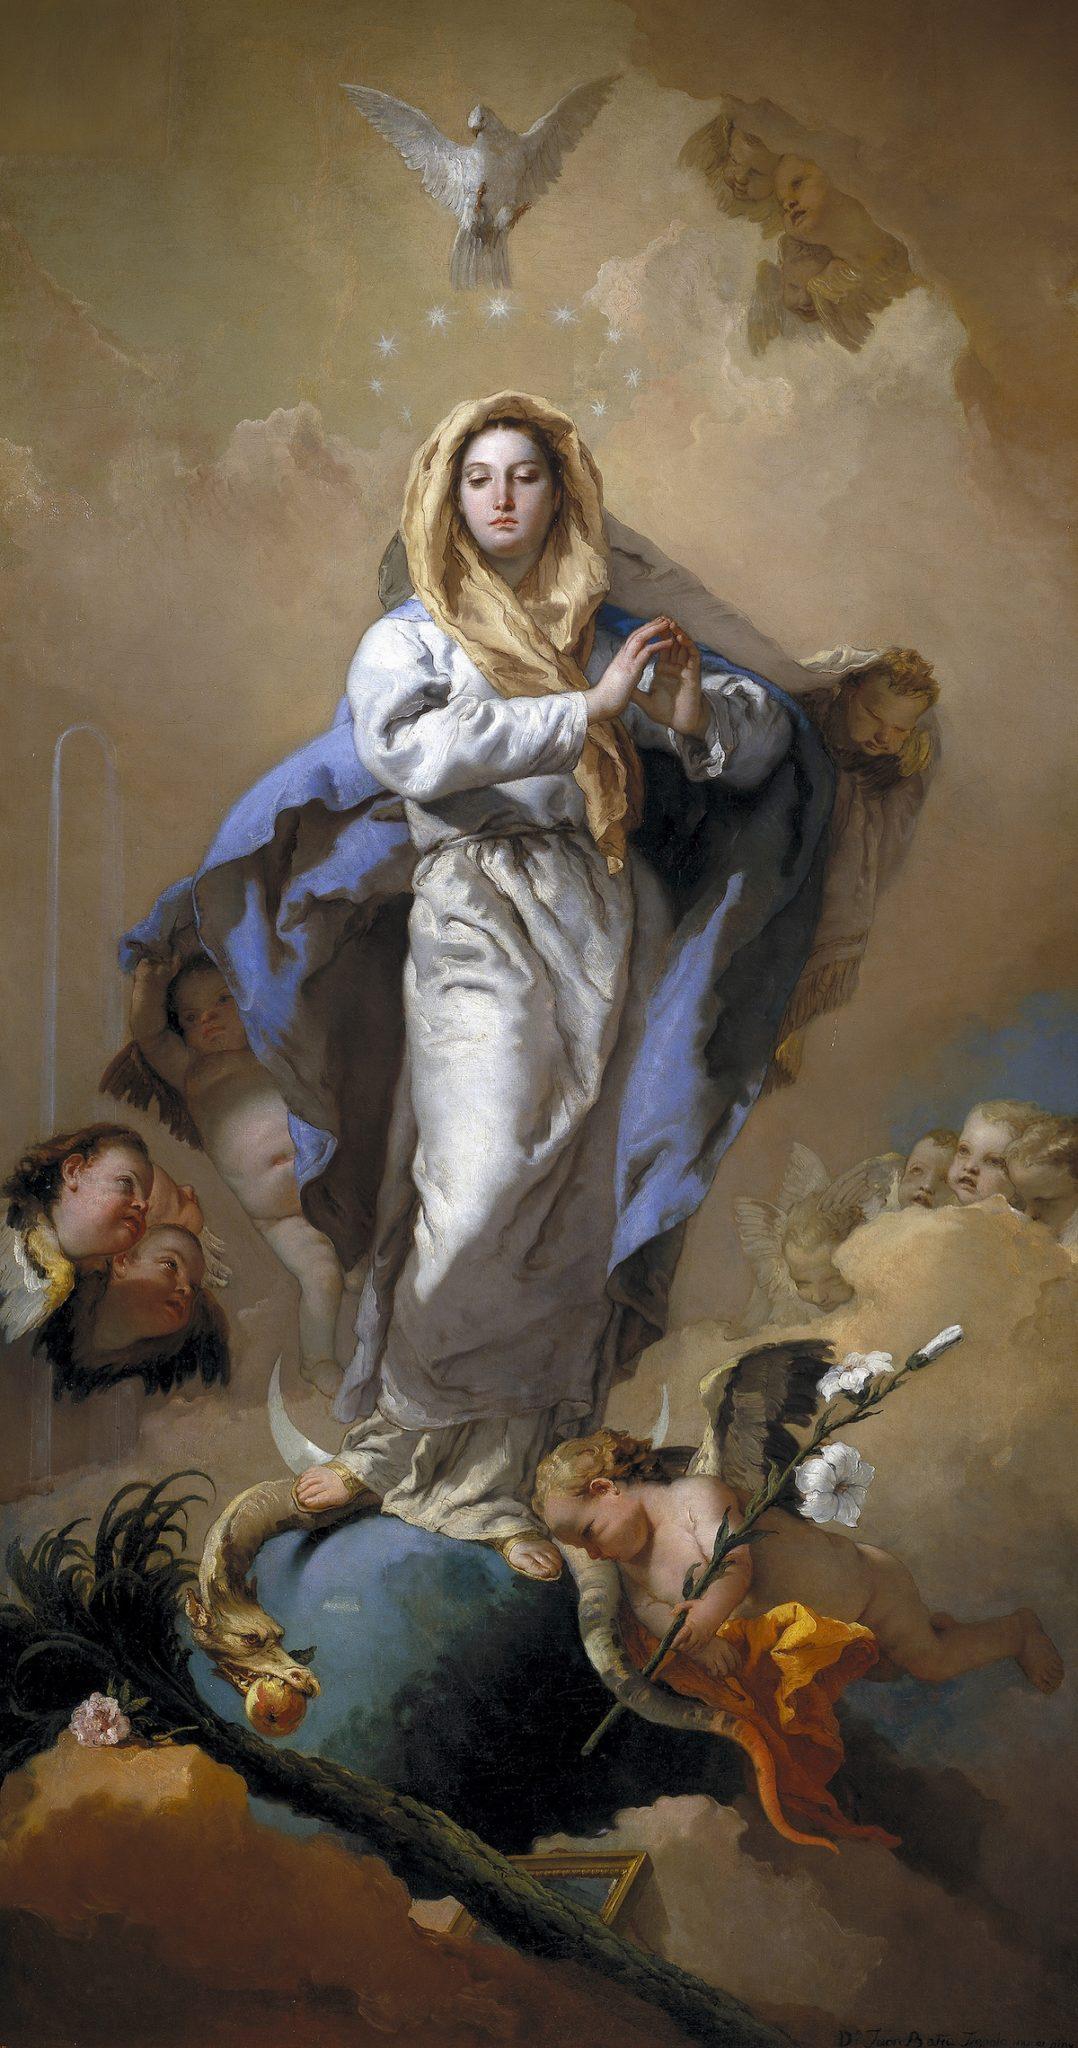 Pintura al óleo sobre lienzo de la Virgen María rodeada de ángeles